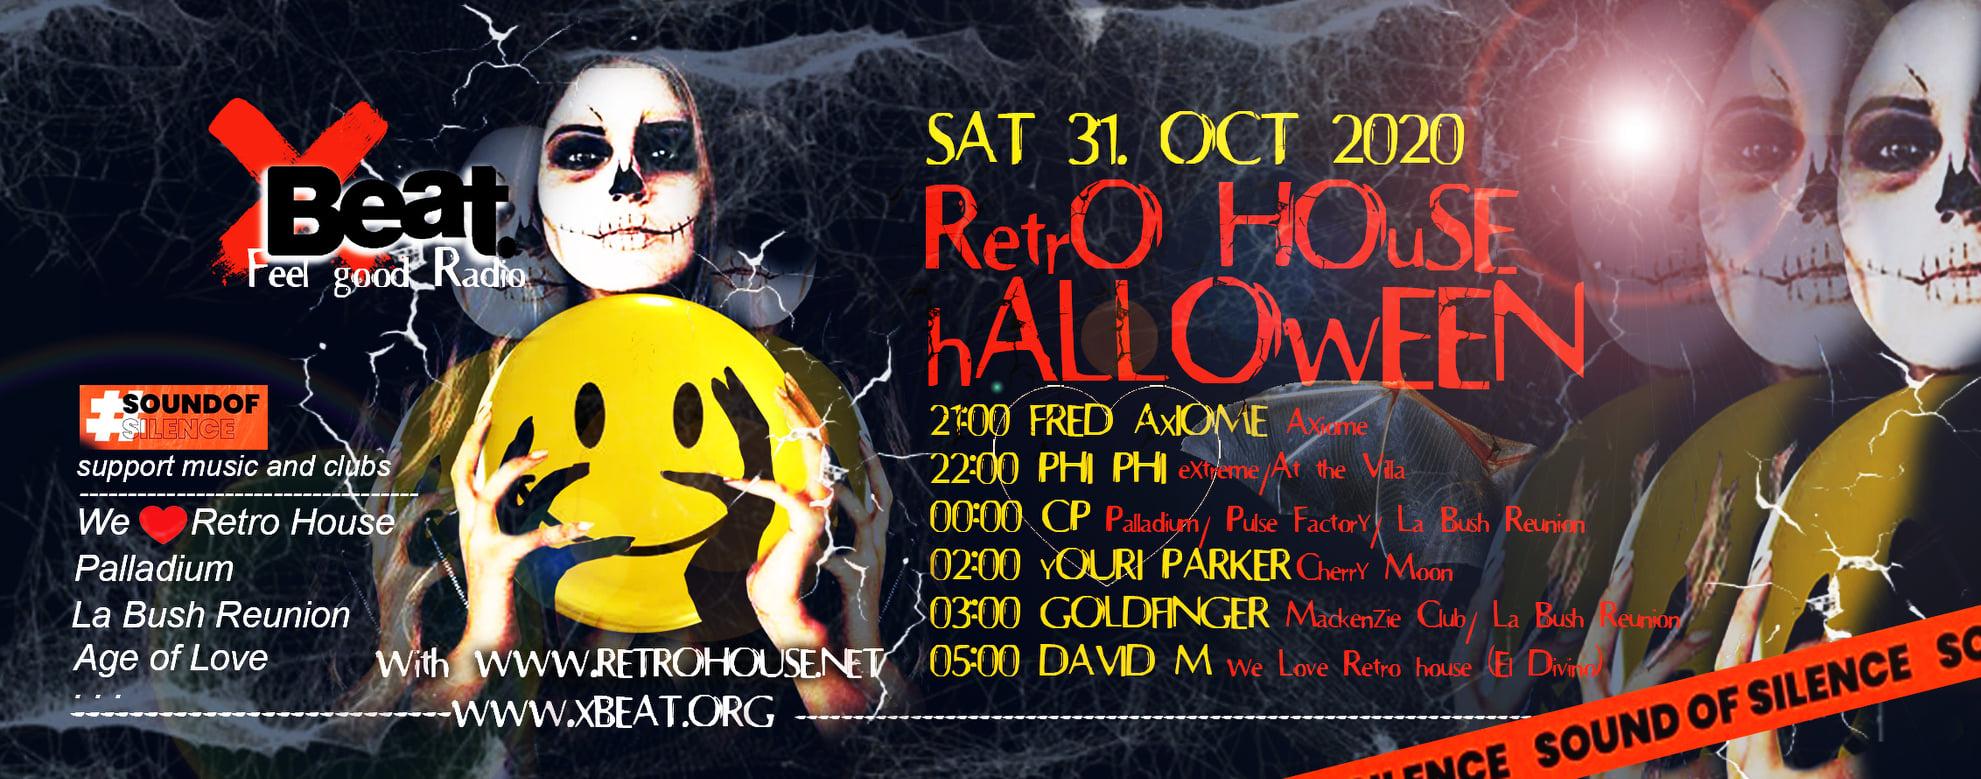 Retro House Halloween 31 Oct 2020